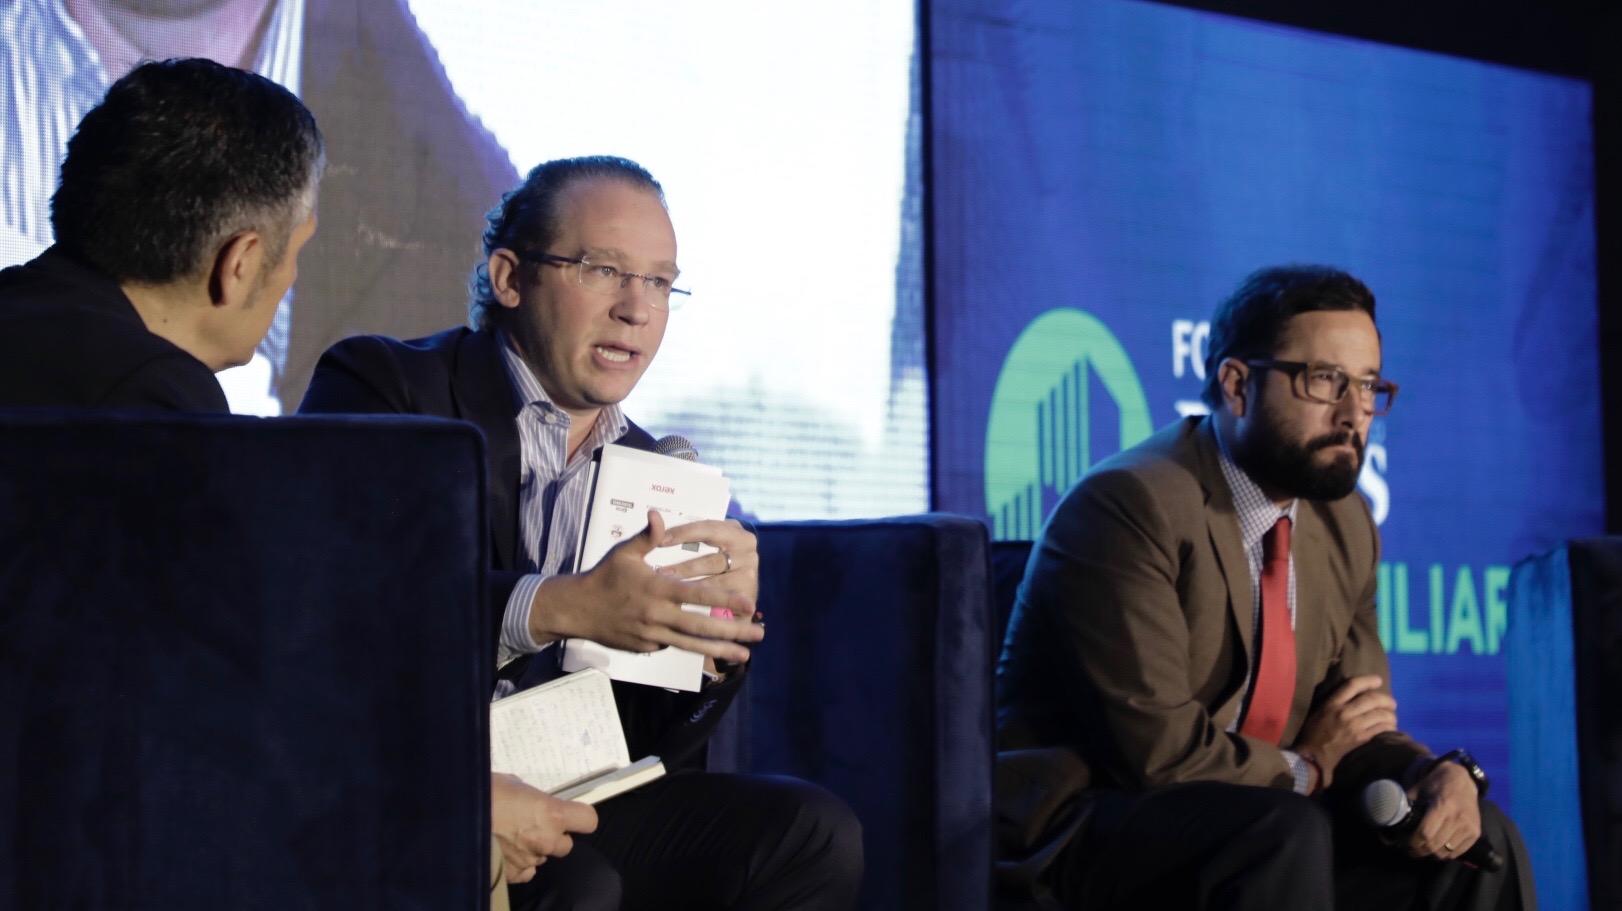 La ciudad requiere de un desarrollo más equilibrado: Alcaldes